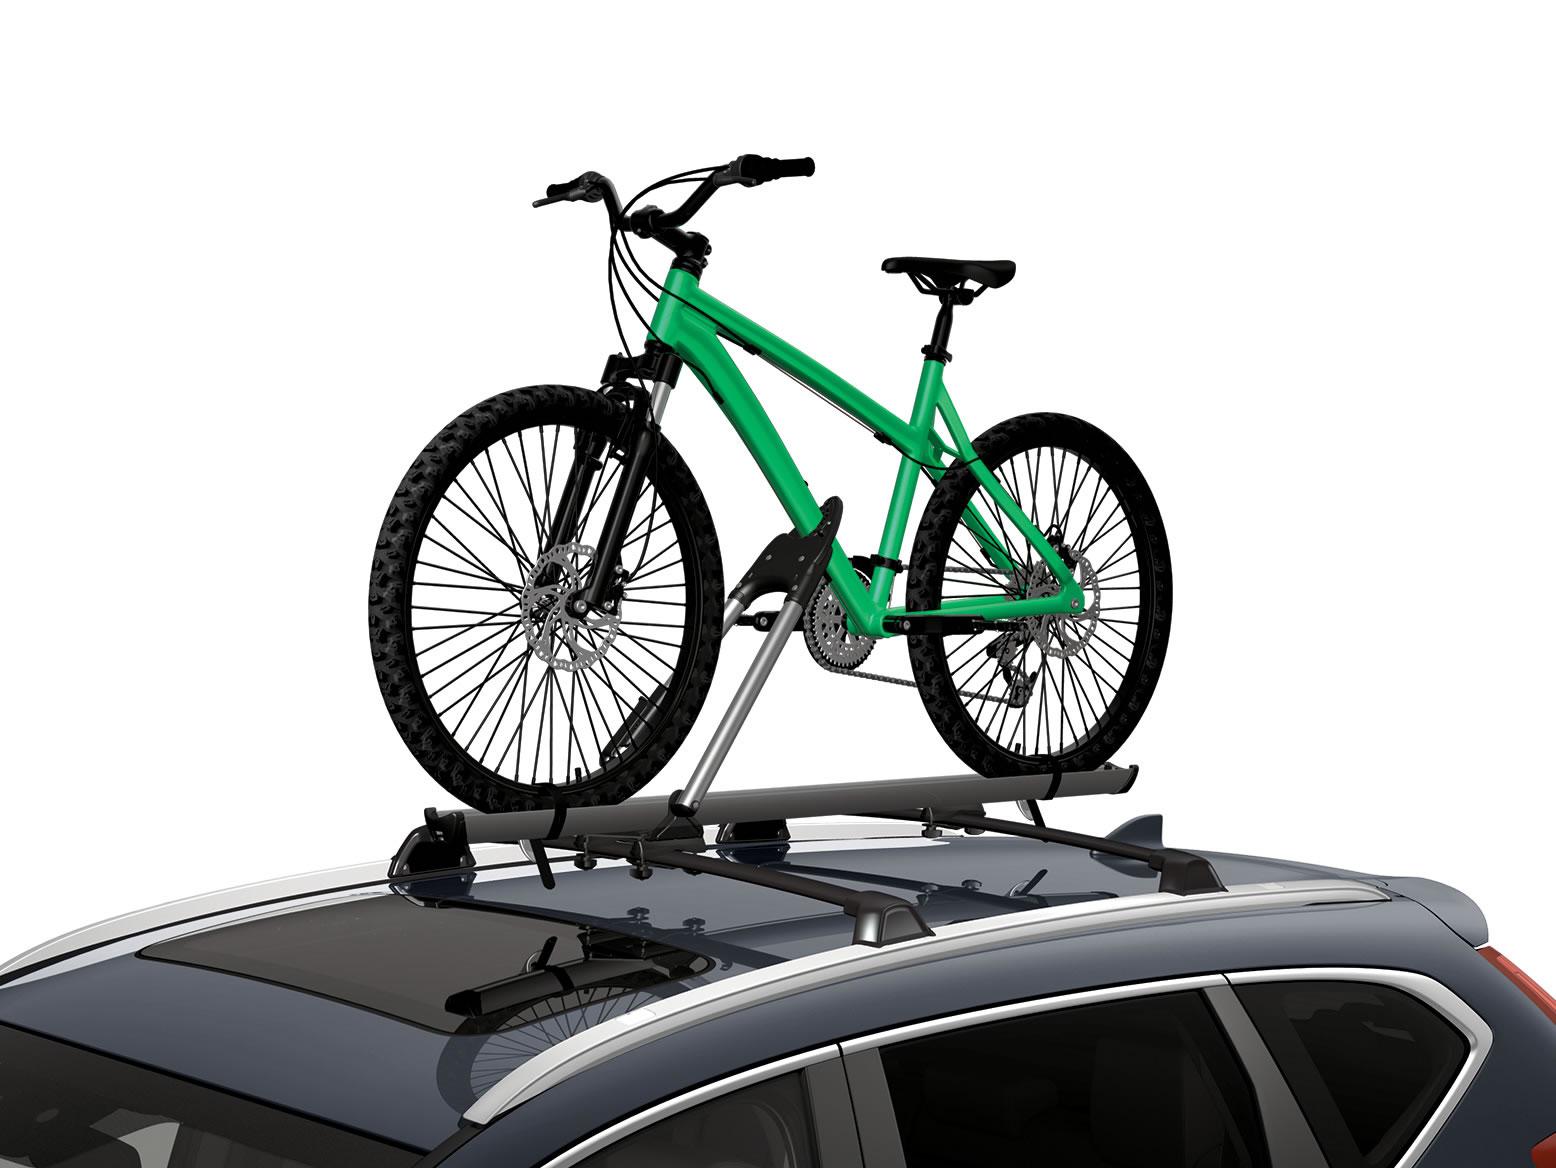 Honda online store 2017 cr v bike attachment roof mount for Build honda crv 2017